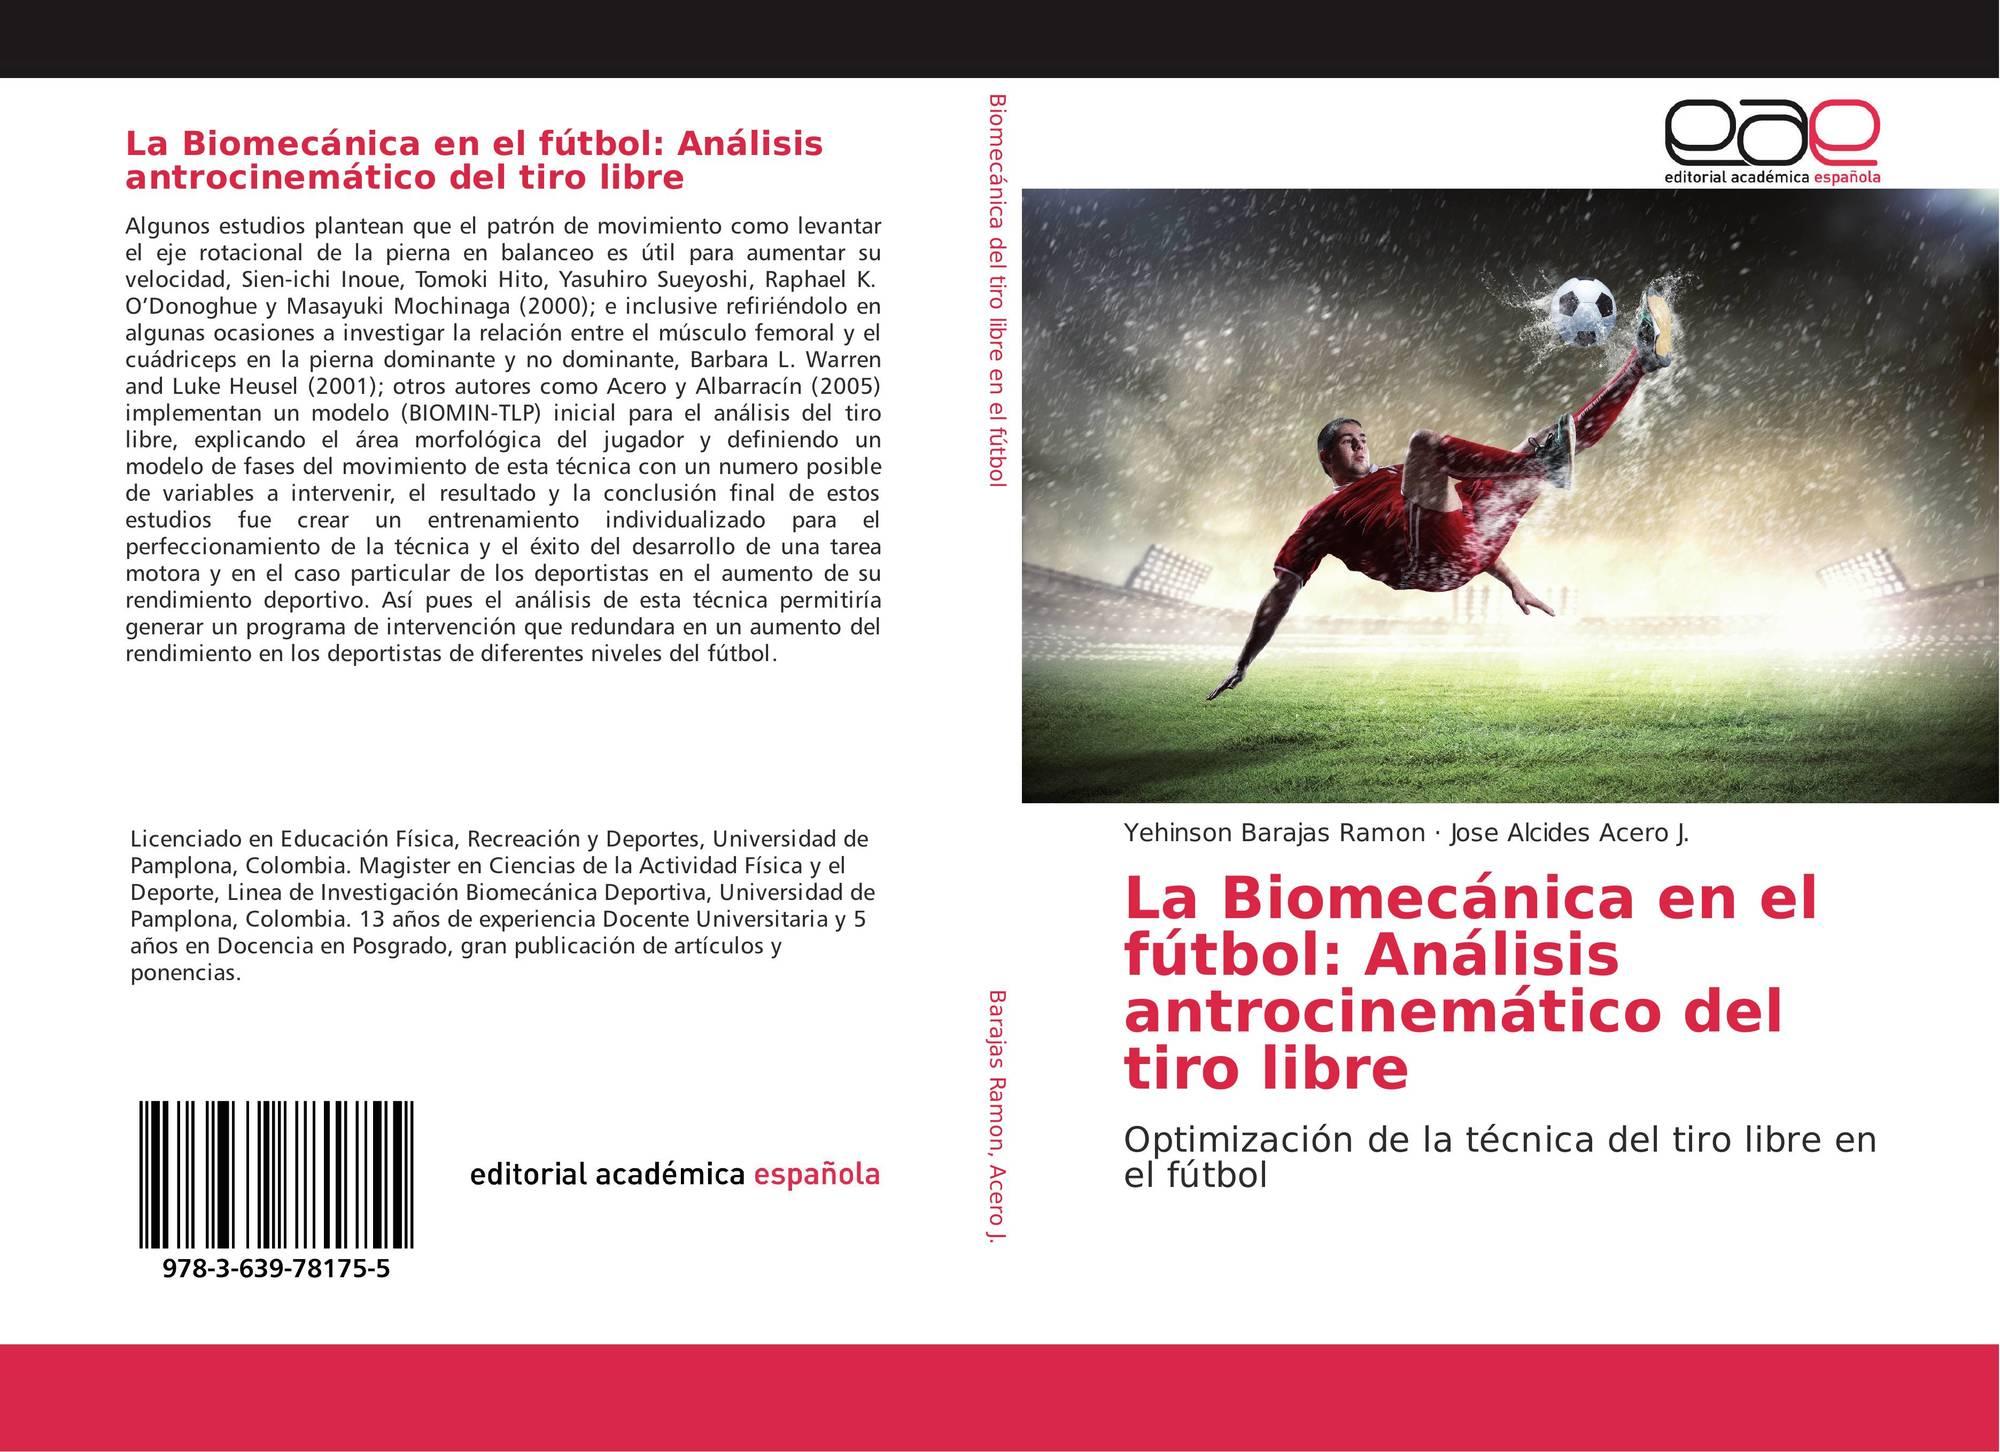 La Biomecánica en el fútbol: Análisis antrocinemático del tiro libre ...